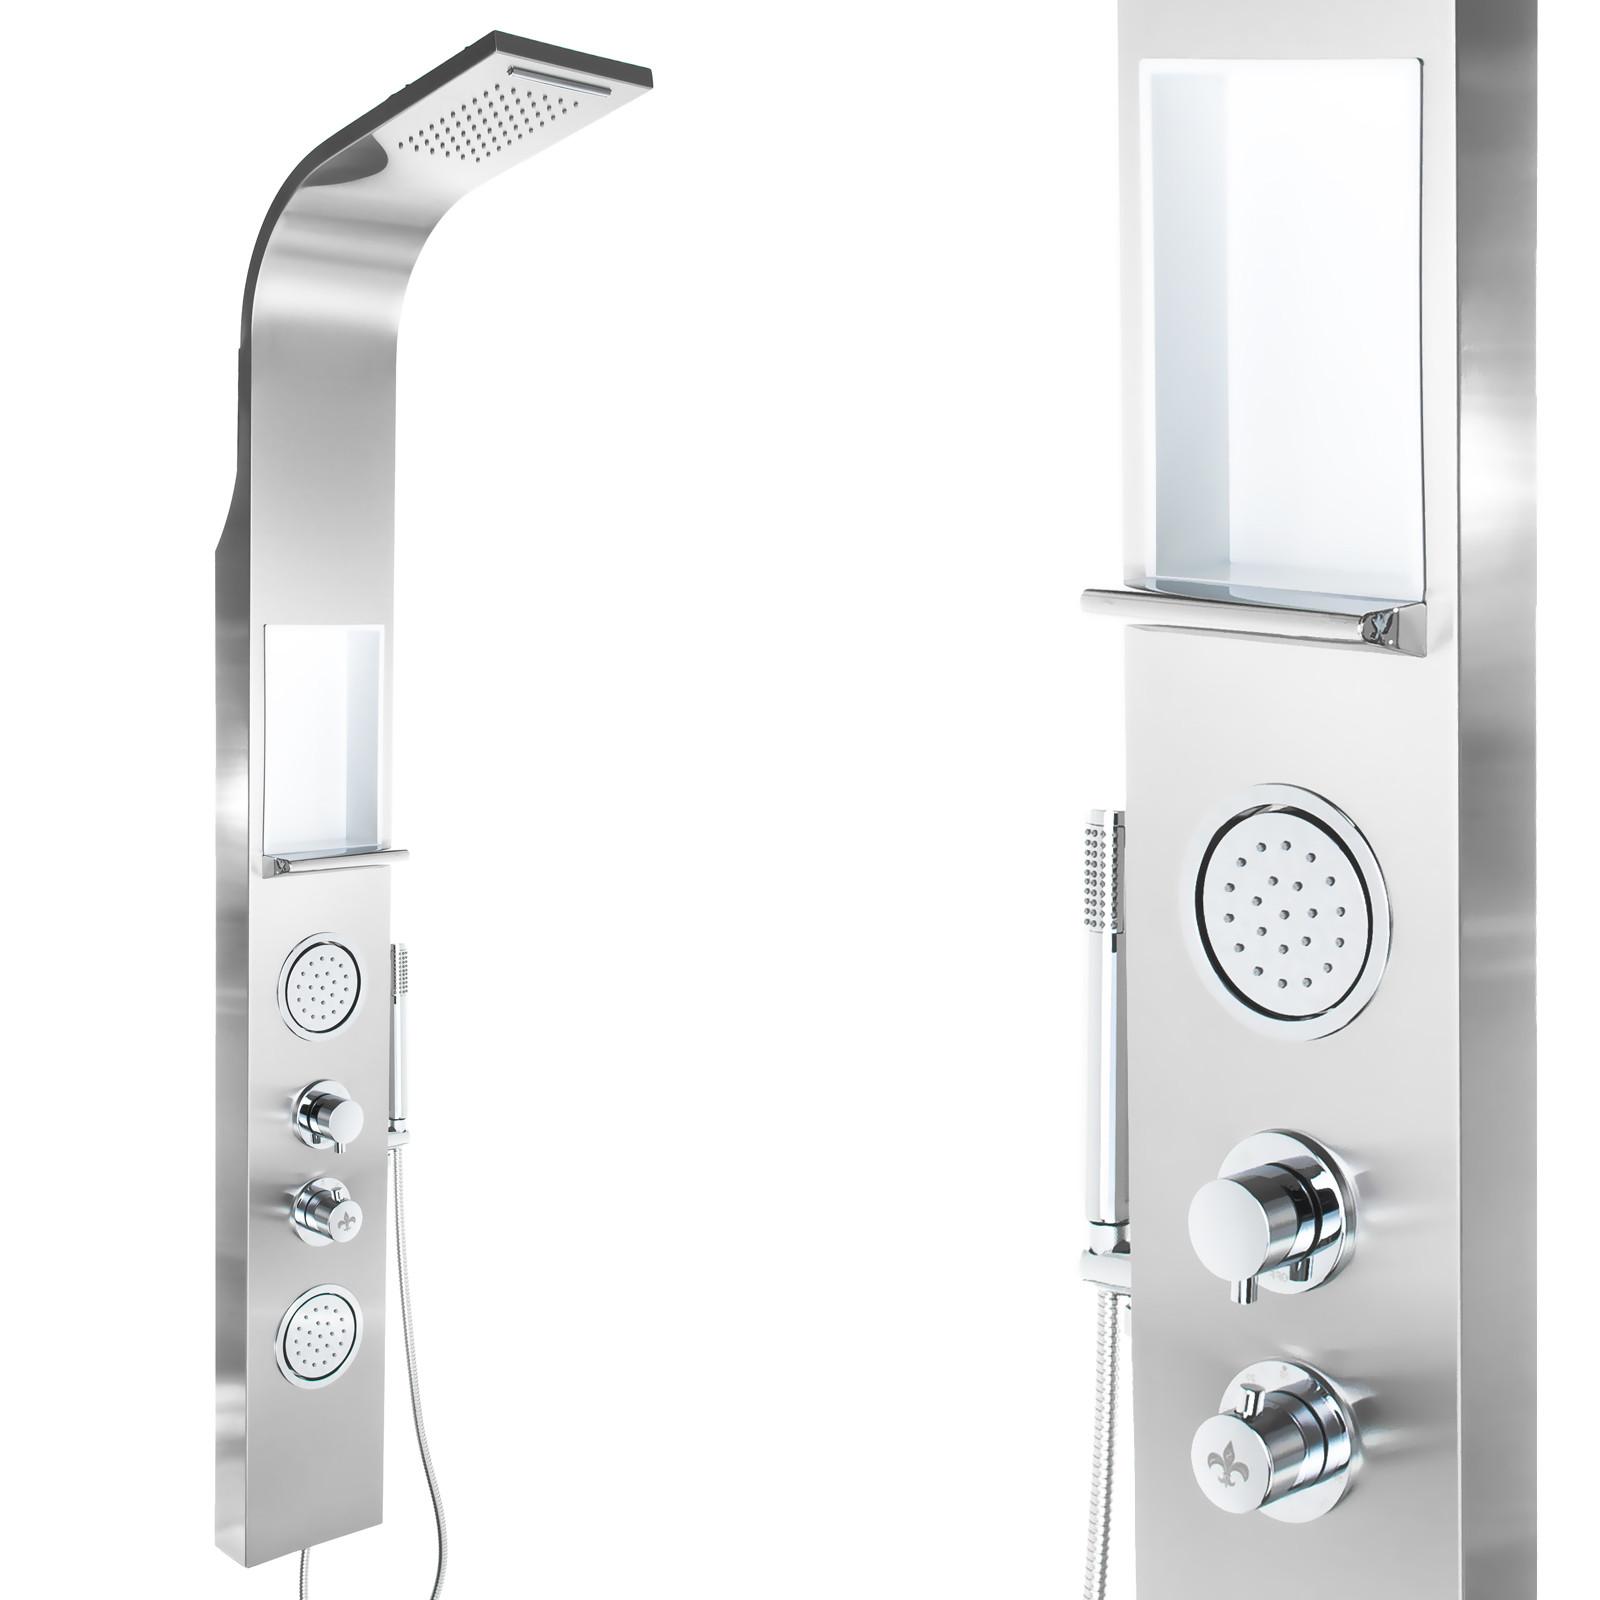 steinkirch edelstahl duschpaneel mit ablage regendusche duschs ule dusche brause ebay